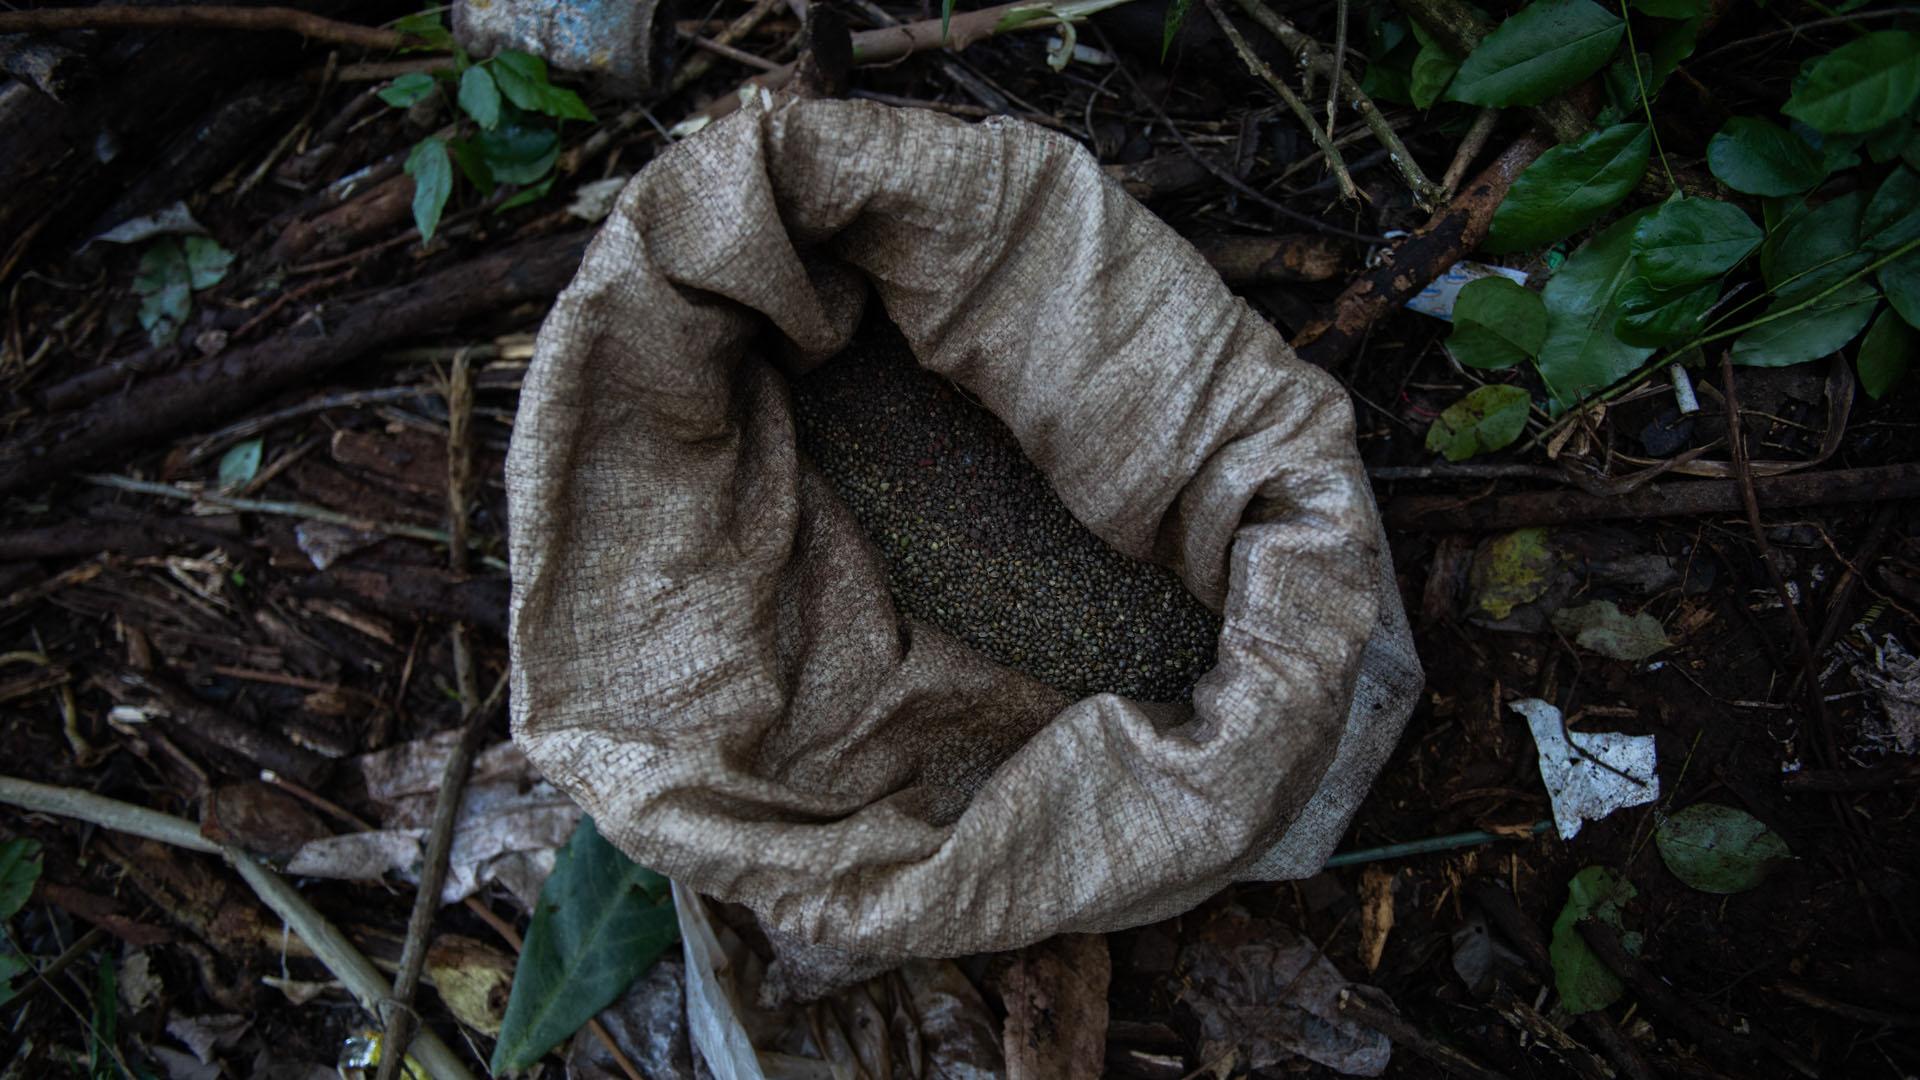 El campamento en la plantación con una bolsa de diez kilos de semillas de cannabis, que se mezcla con secante e insecticida.